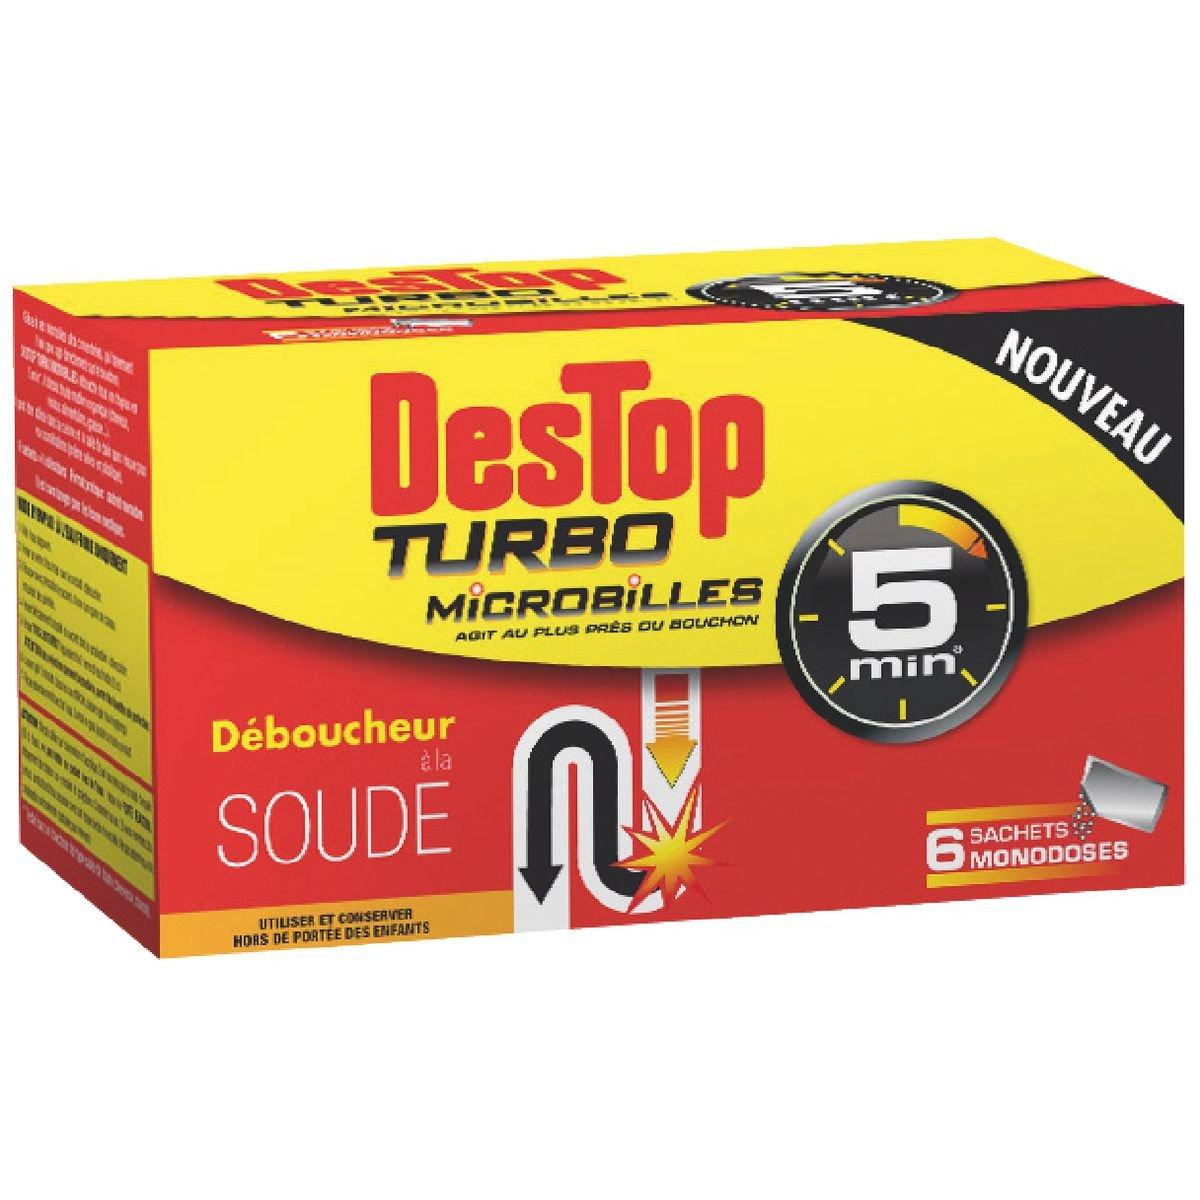 Desatascador turbo Destop - 6 bolsitas microbilles: Amazon.es: Salud y cuidado personal